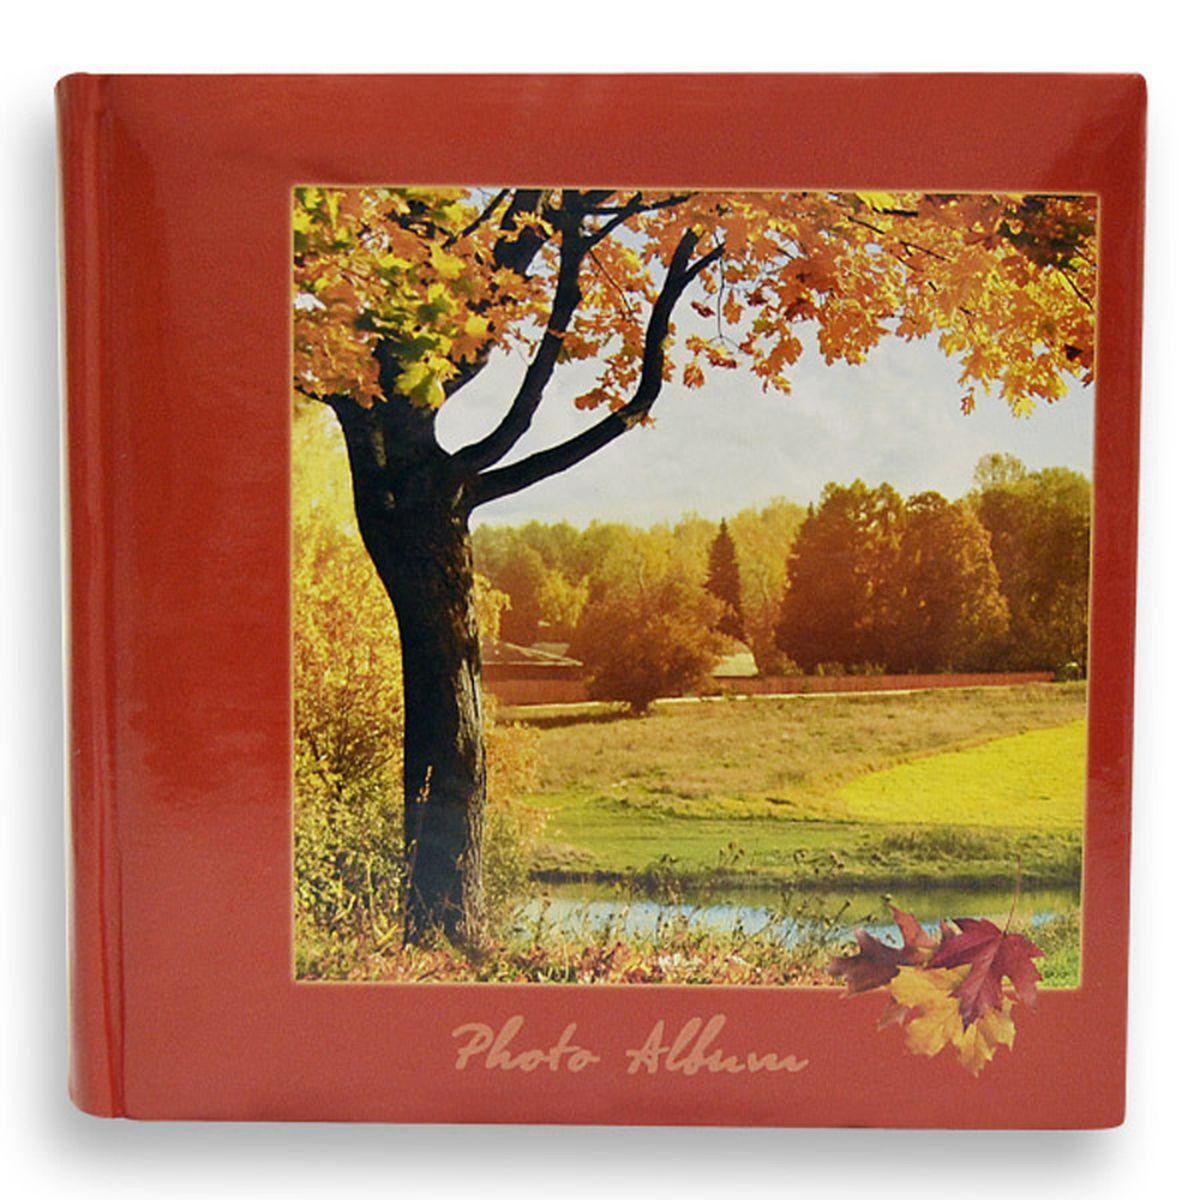 Фотоальбом Pioneer 4 Seasons, 200 фотографий, цвет: красный, 10 х 15 см46199 AB46200Тип обложки: ламинированный картон. Тип листов: бумажные. Тип переплета: книжный. Кол-во фотографий: 200. Материалы, использованные в изготовлении альбома, обеспечивают высокое качество хранения Ваших фотографий, поэтому фотографии не желтеют со временем.